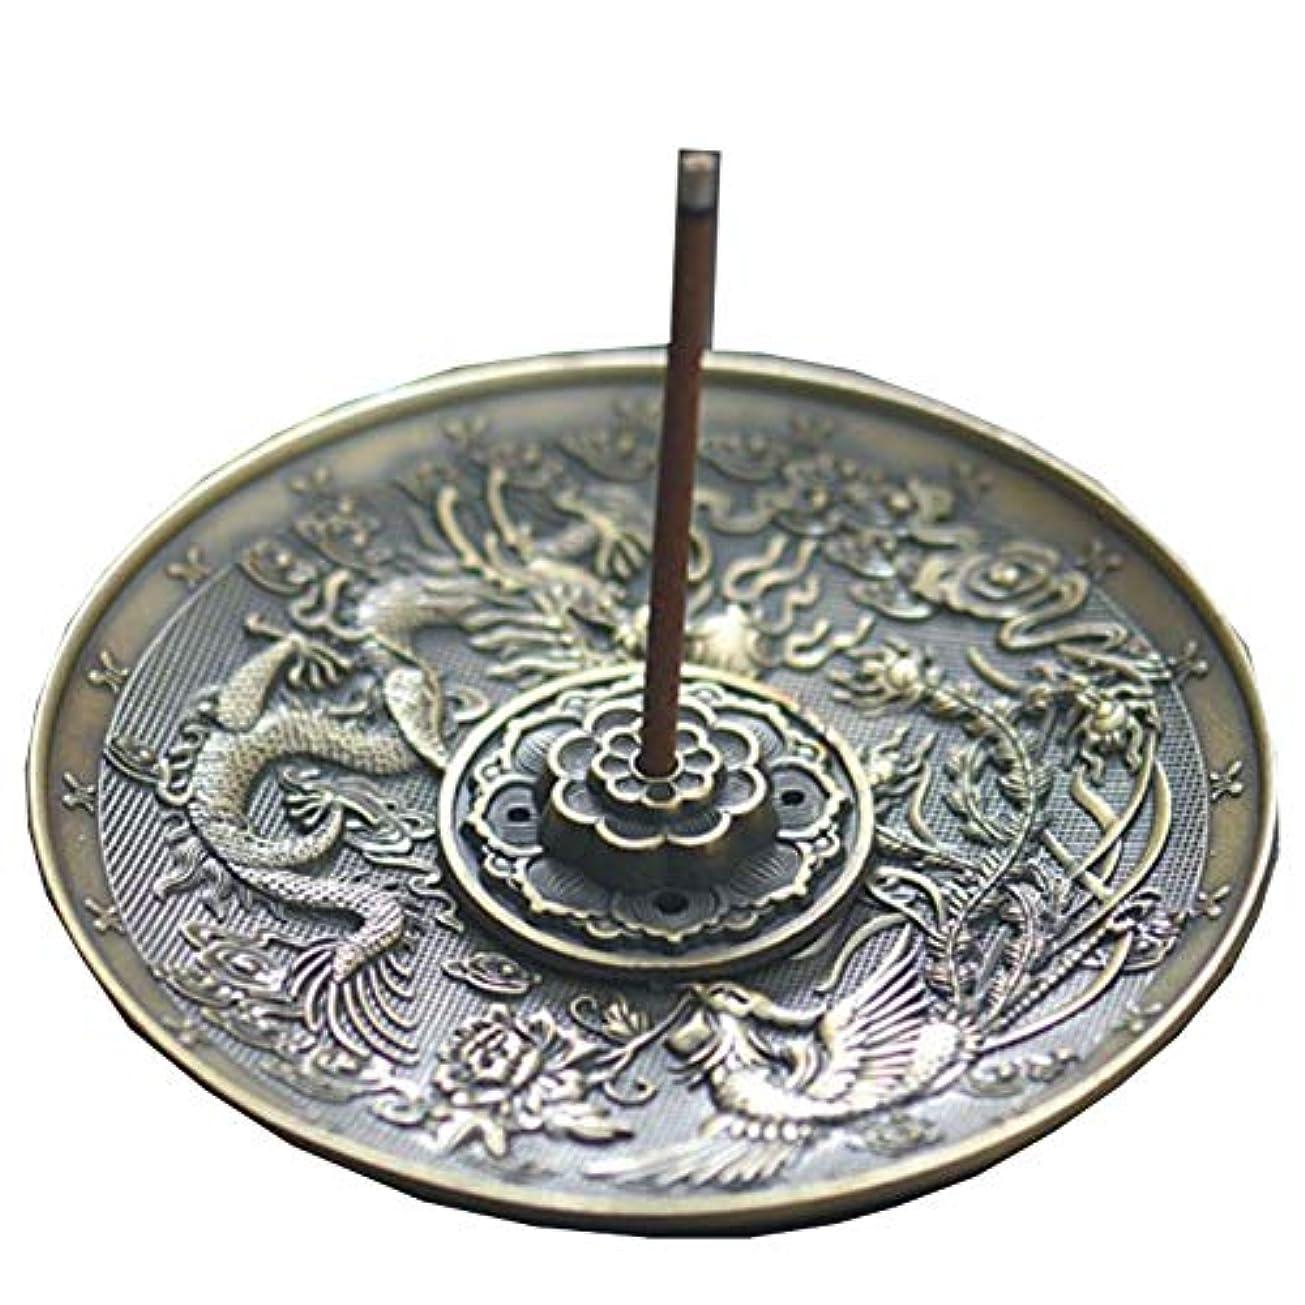 見分ける説明的早い[RADISSY] お香立て 香炉 香皿 スティック 円錐 タイプ お香 スタンド 龍のデザイン (青銅色5穴)